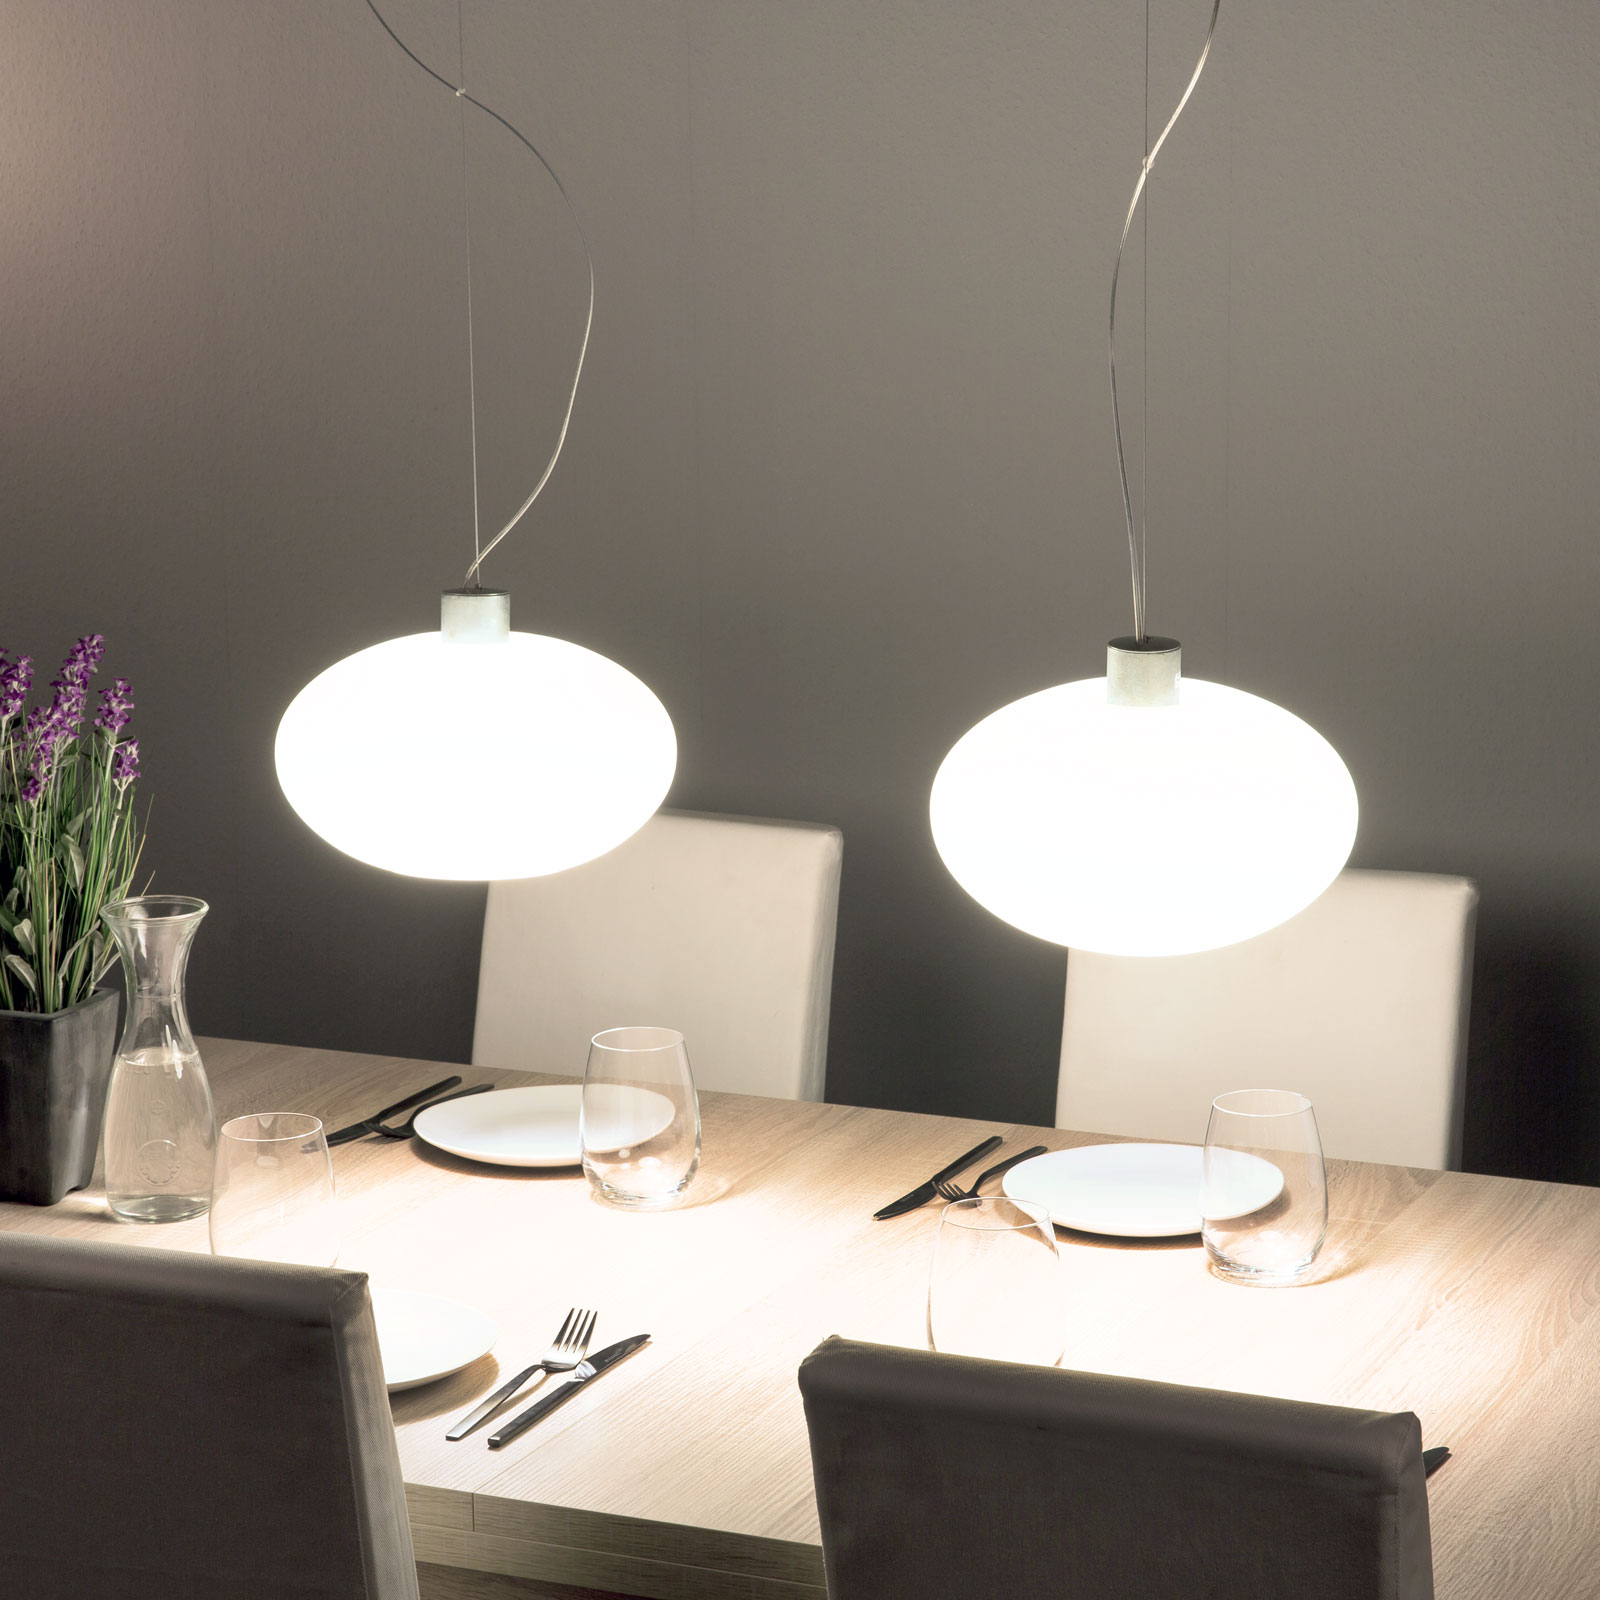 Design-hanglamp AIH, 28 cm, crème mat